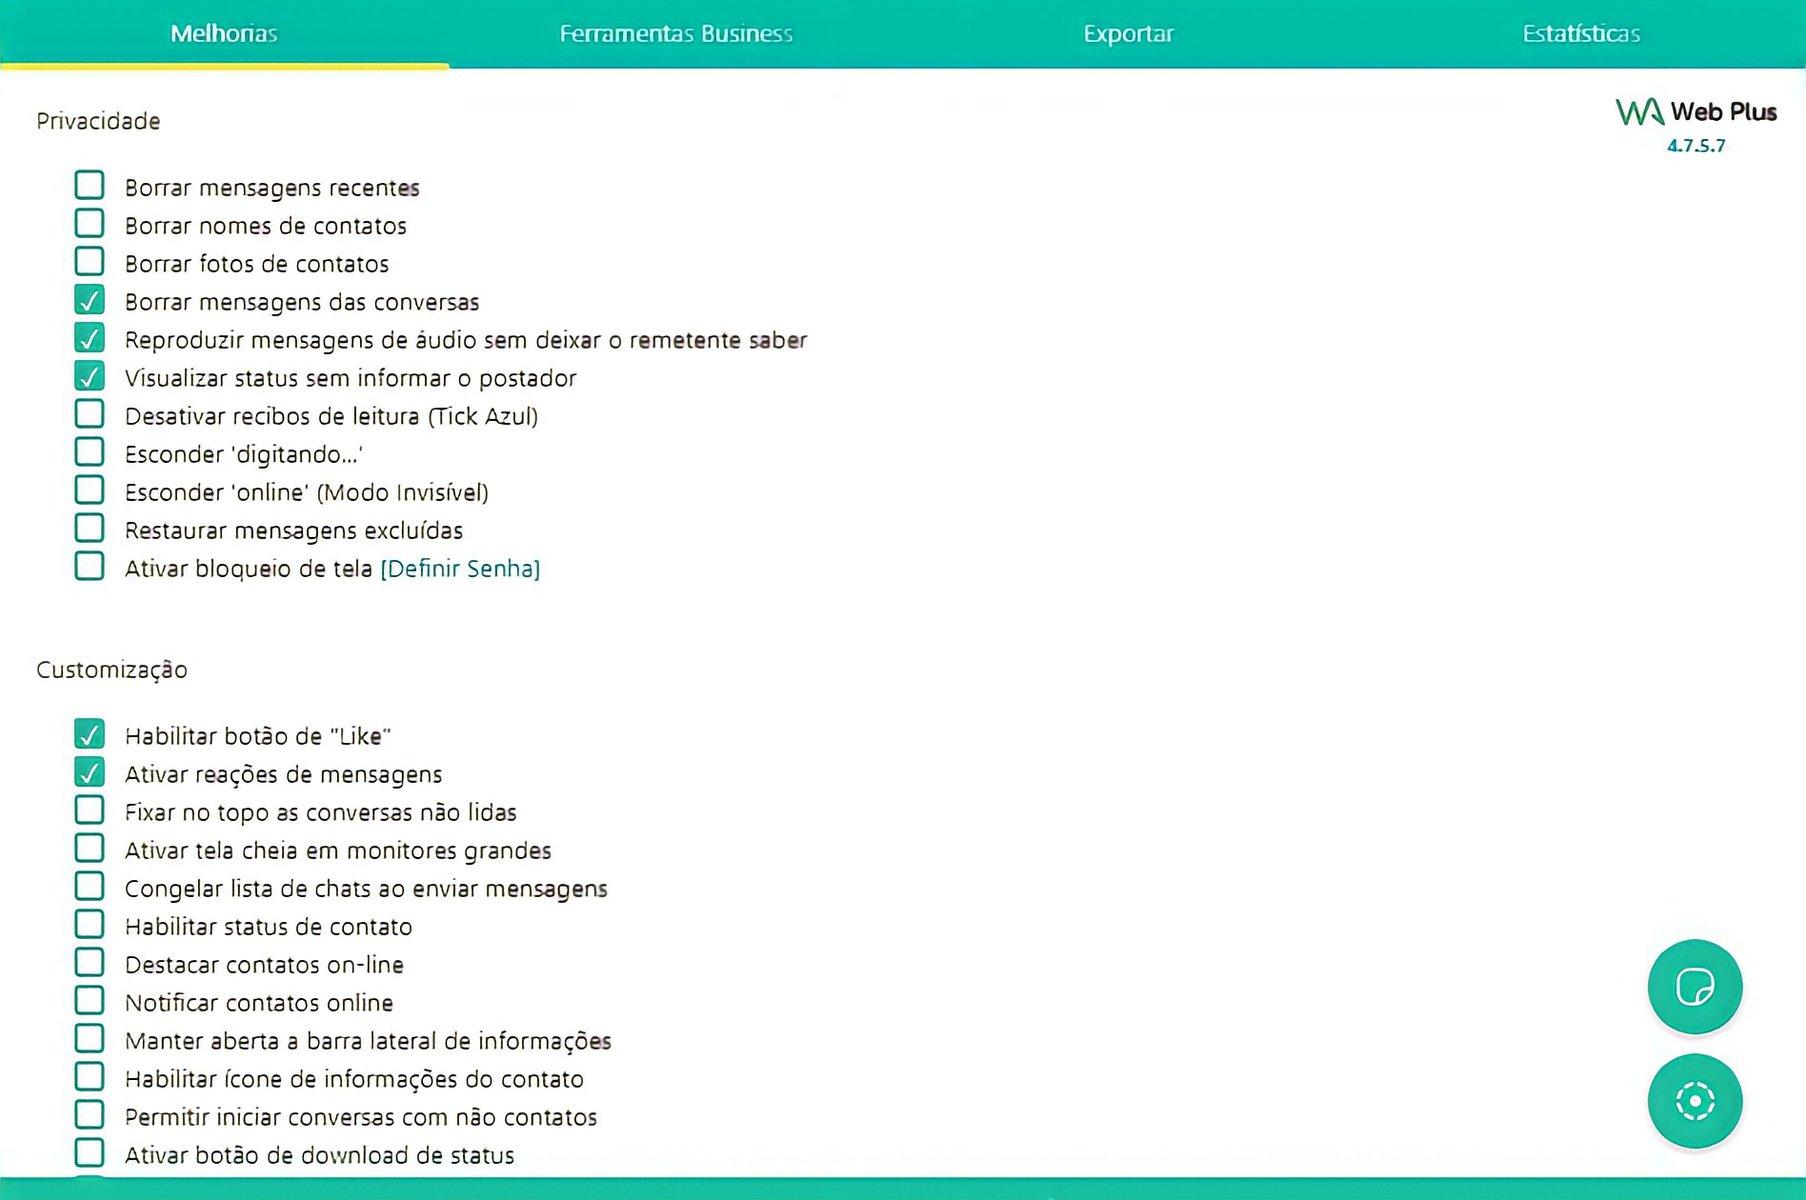 Wa web plus for whatsapp - extensões no whatsapp web